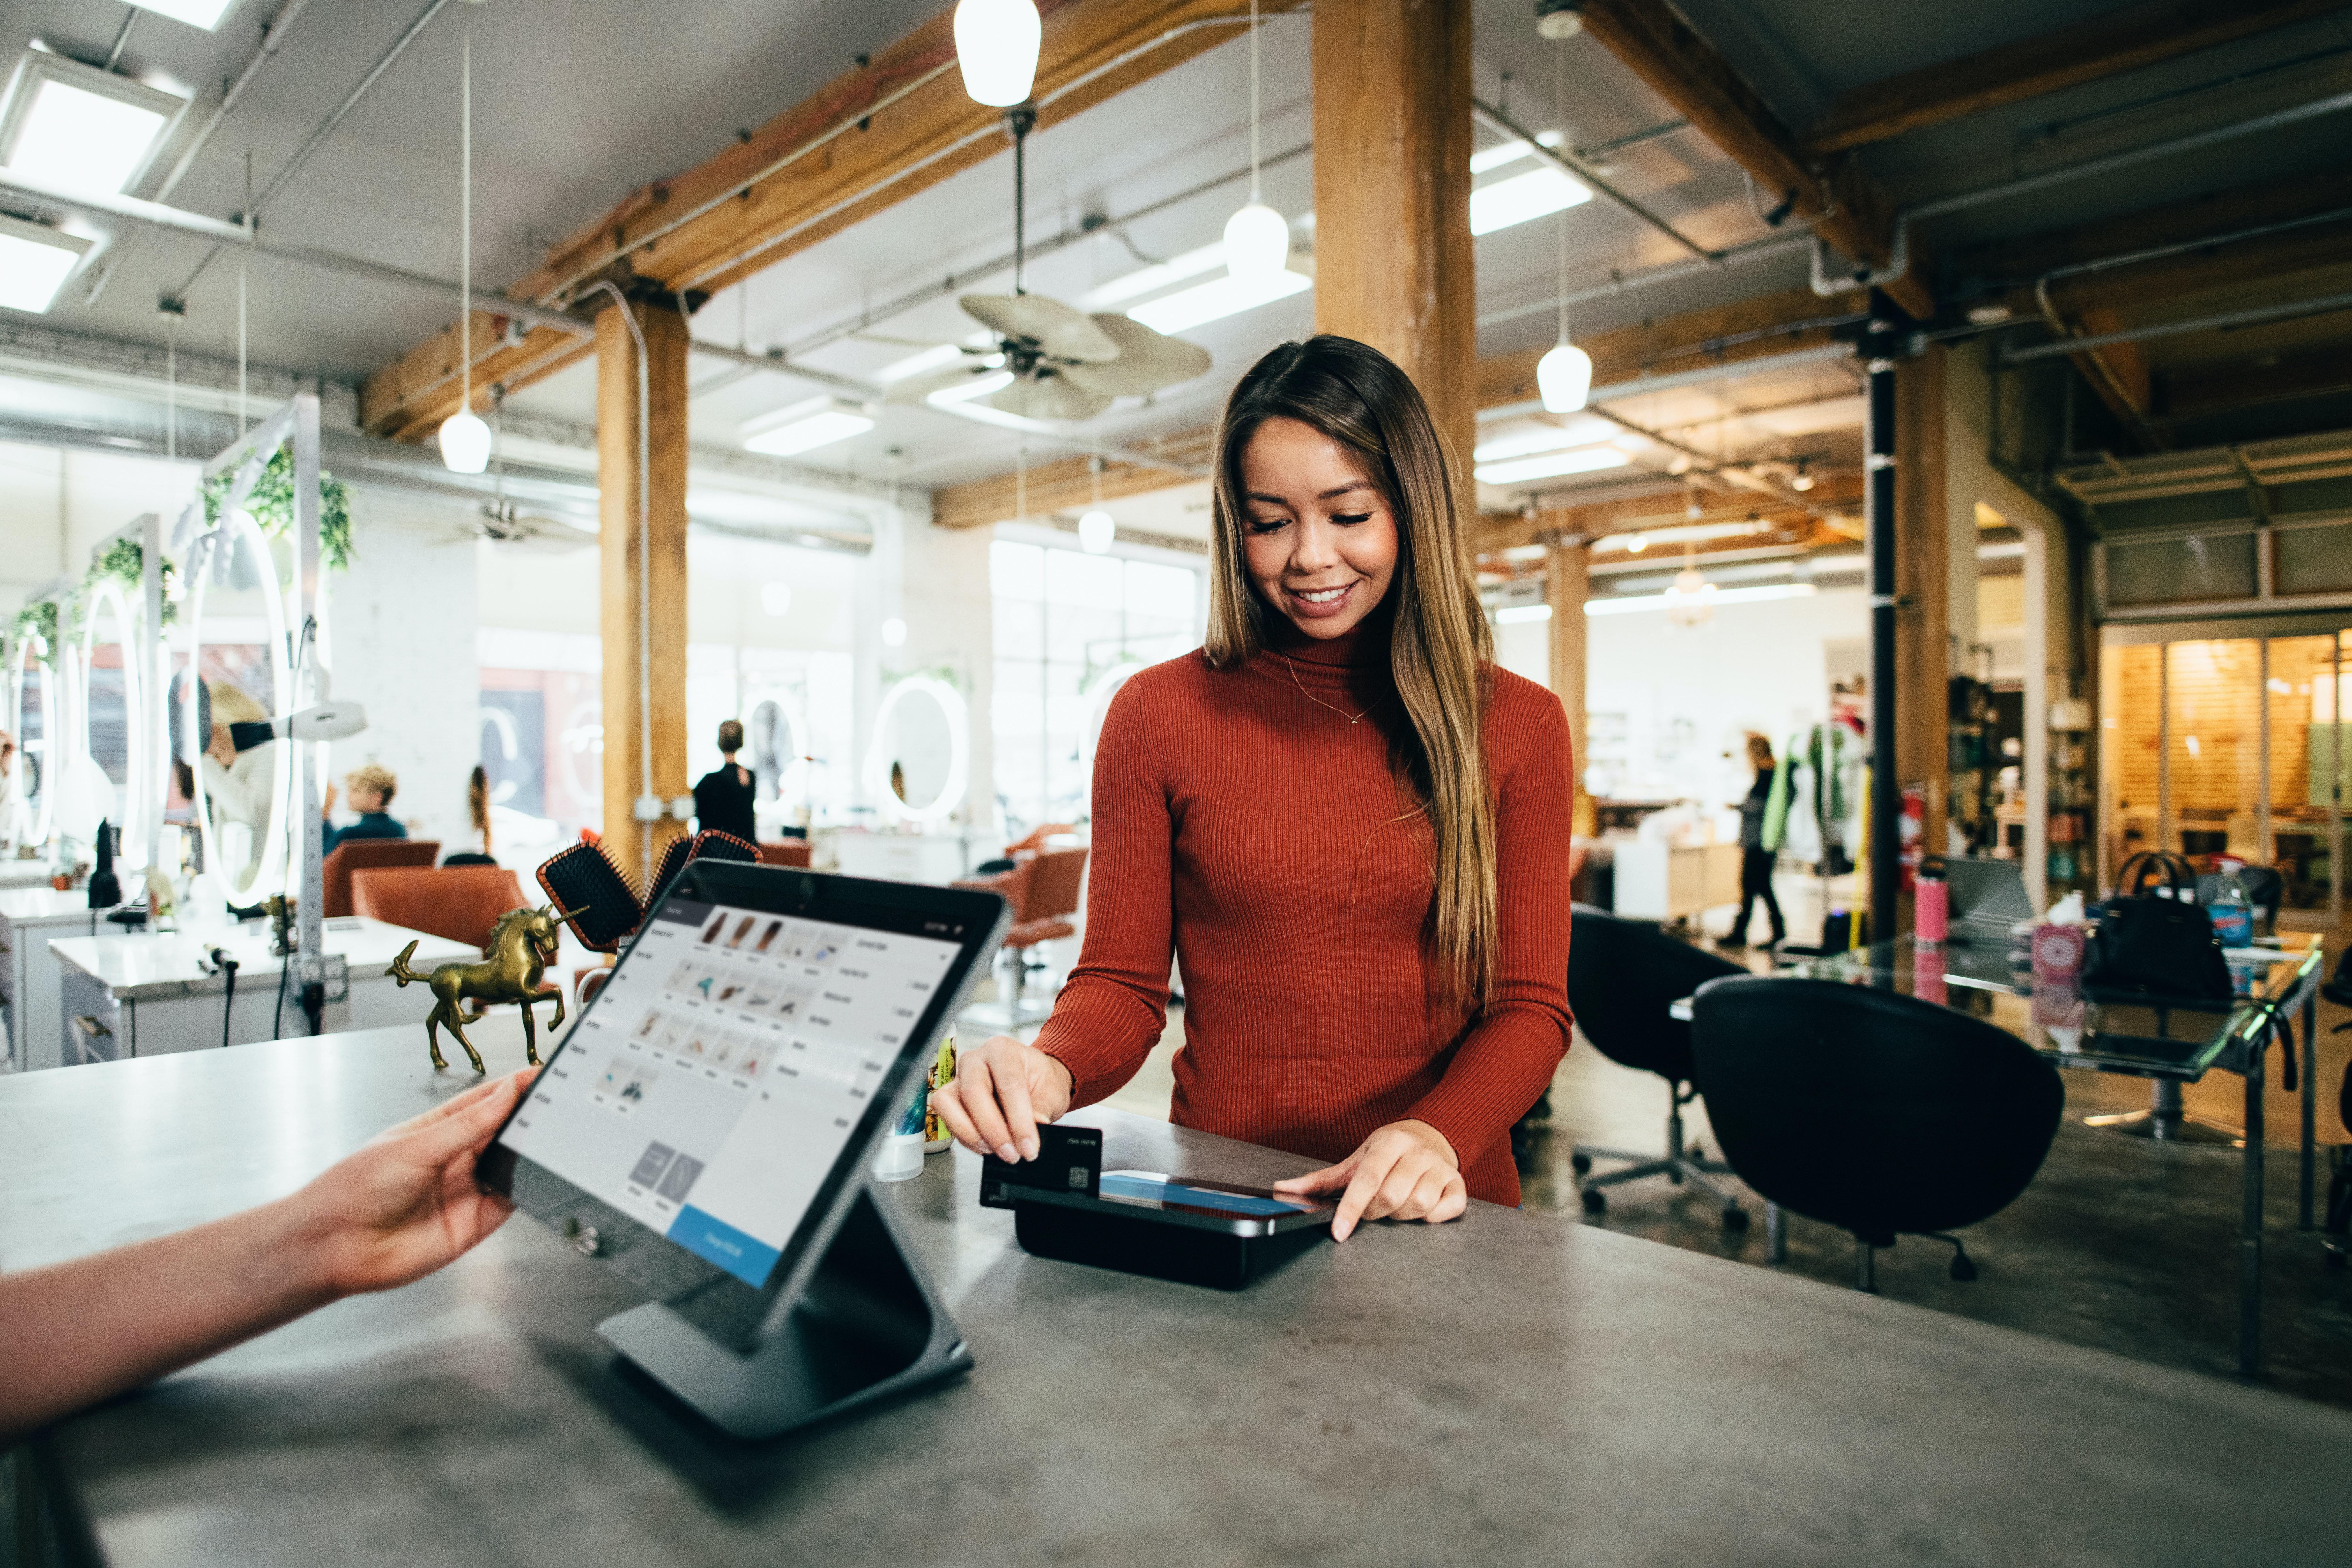 blake-wisz-payments-unsplash